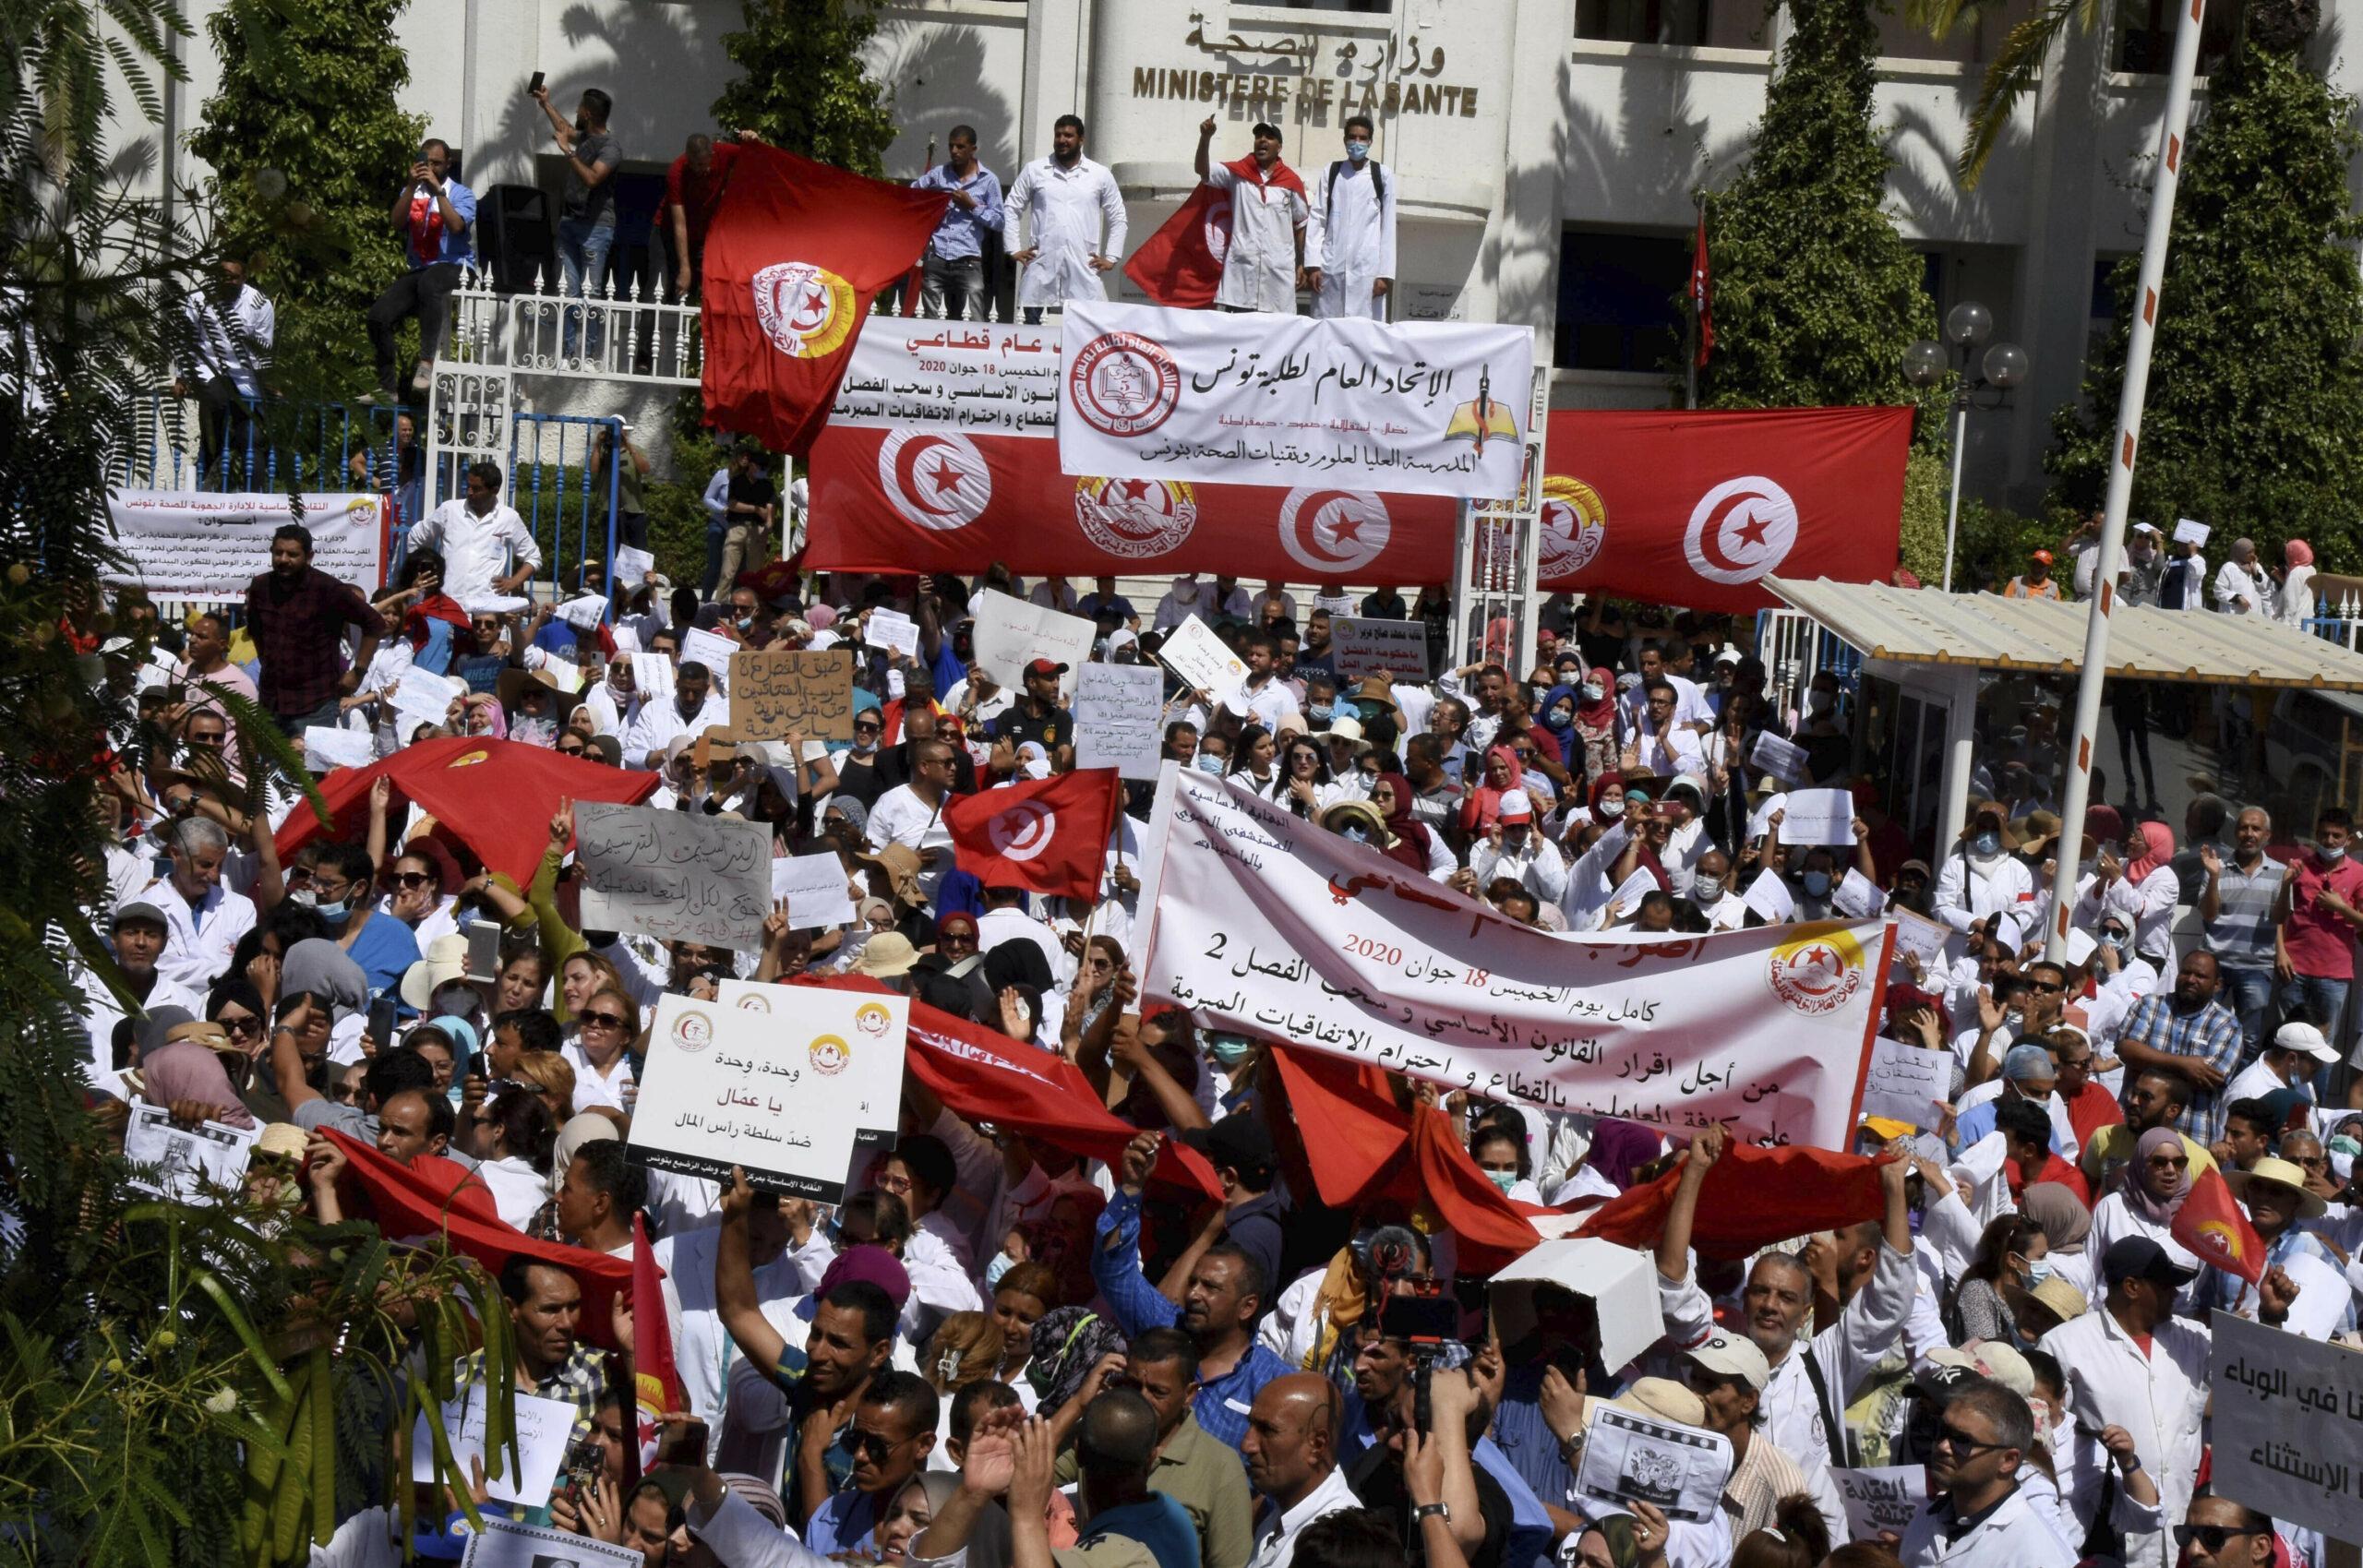 tunisia - laicità